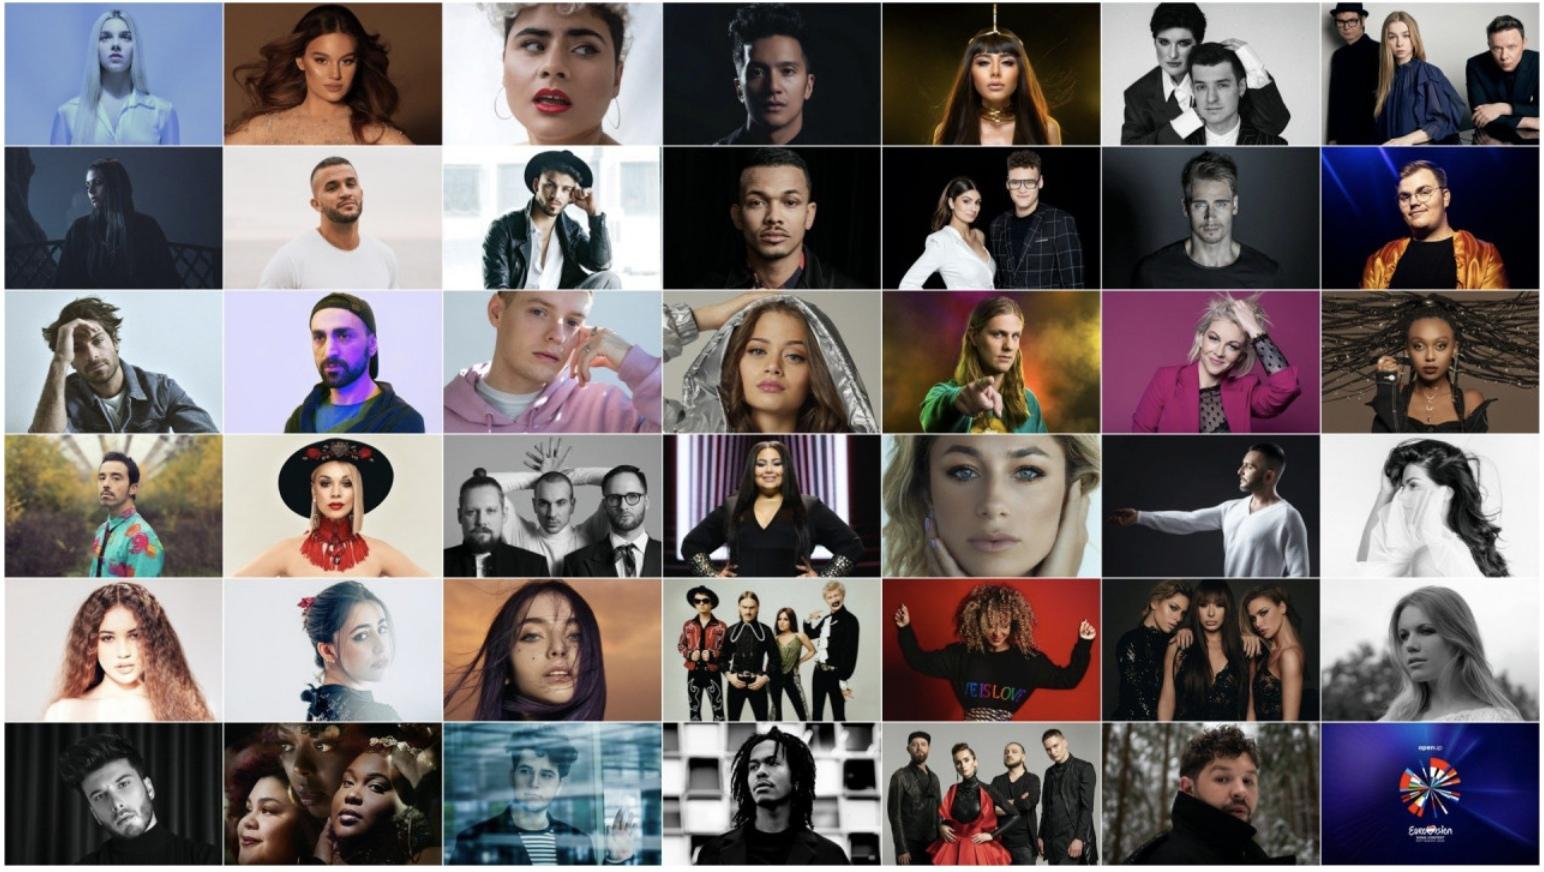 Евровидение 2020 16.05.2020 смотреть онлайн